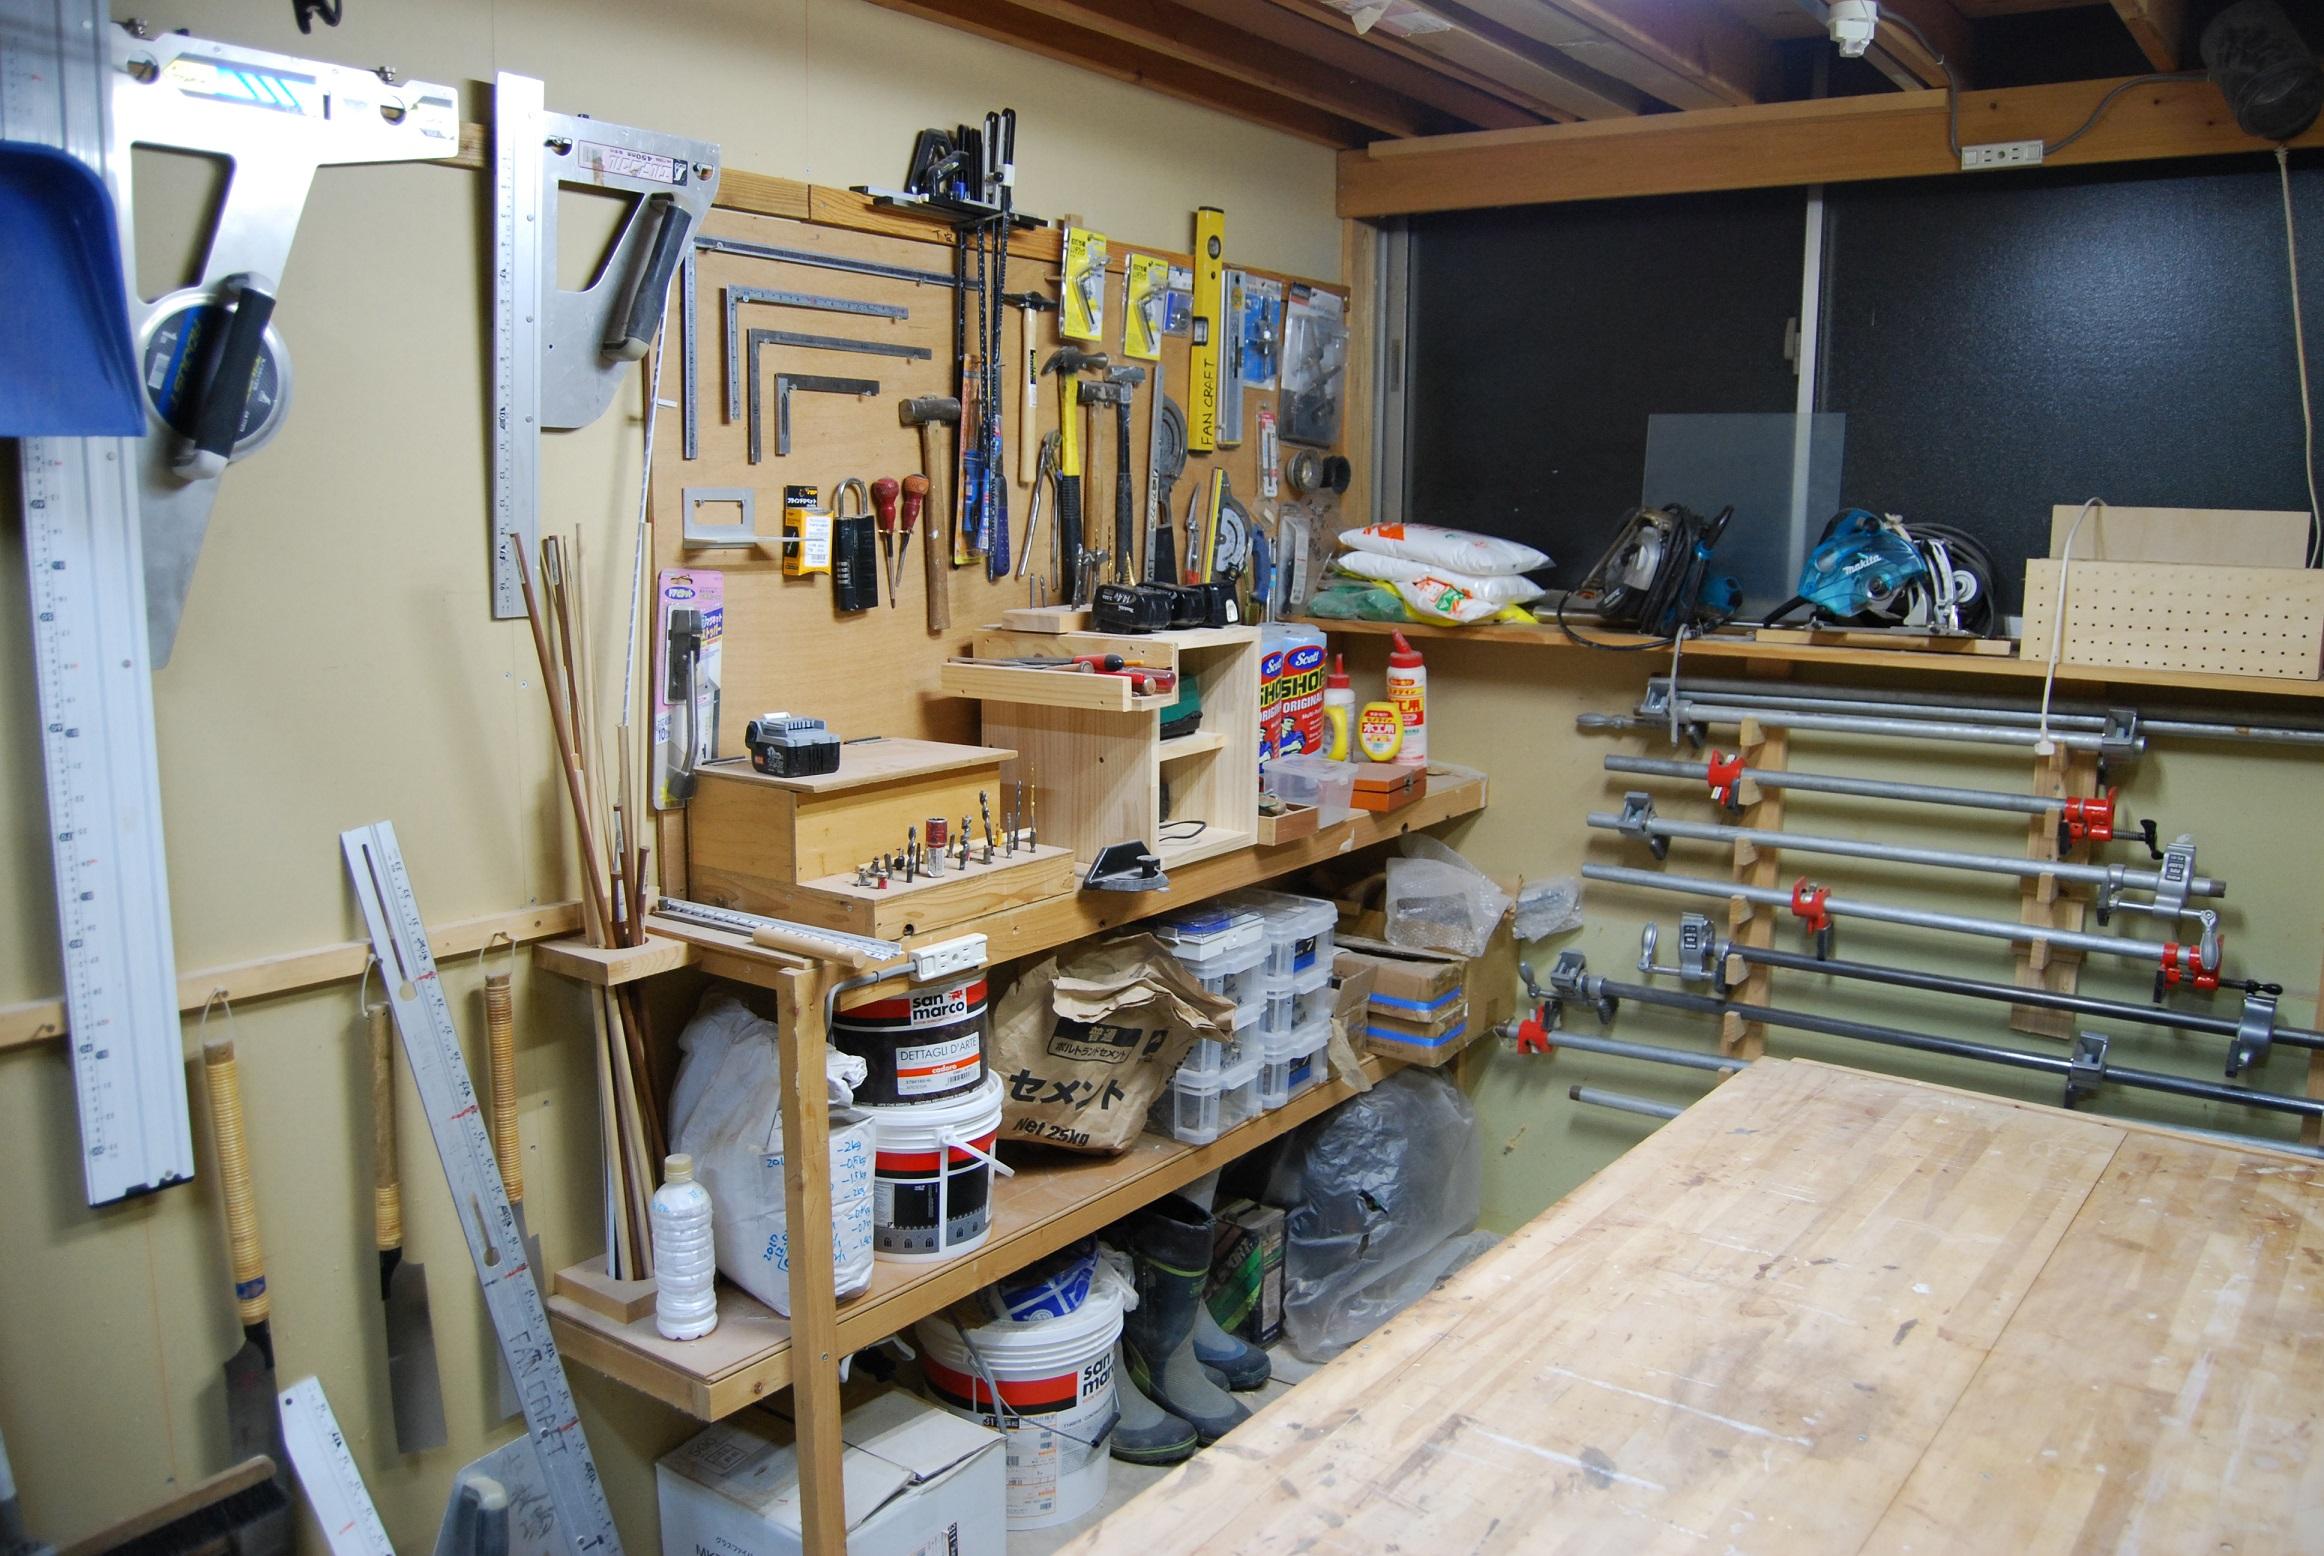 本物の大工さんの道具を使って作業ができる